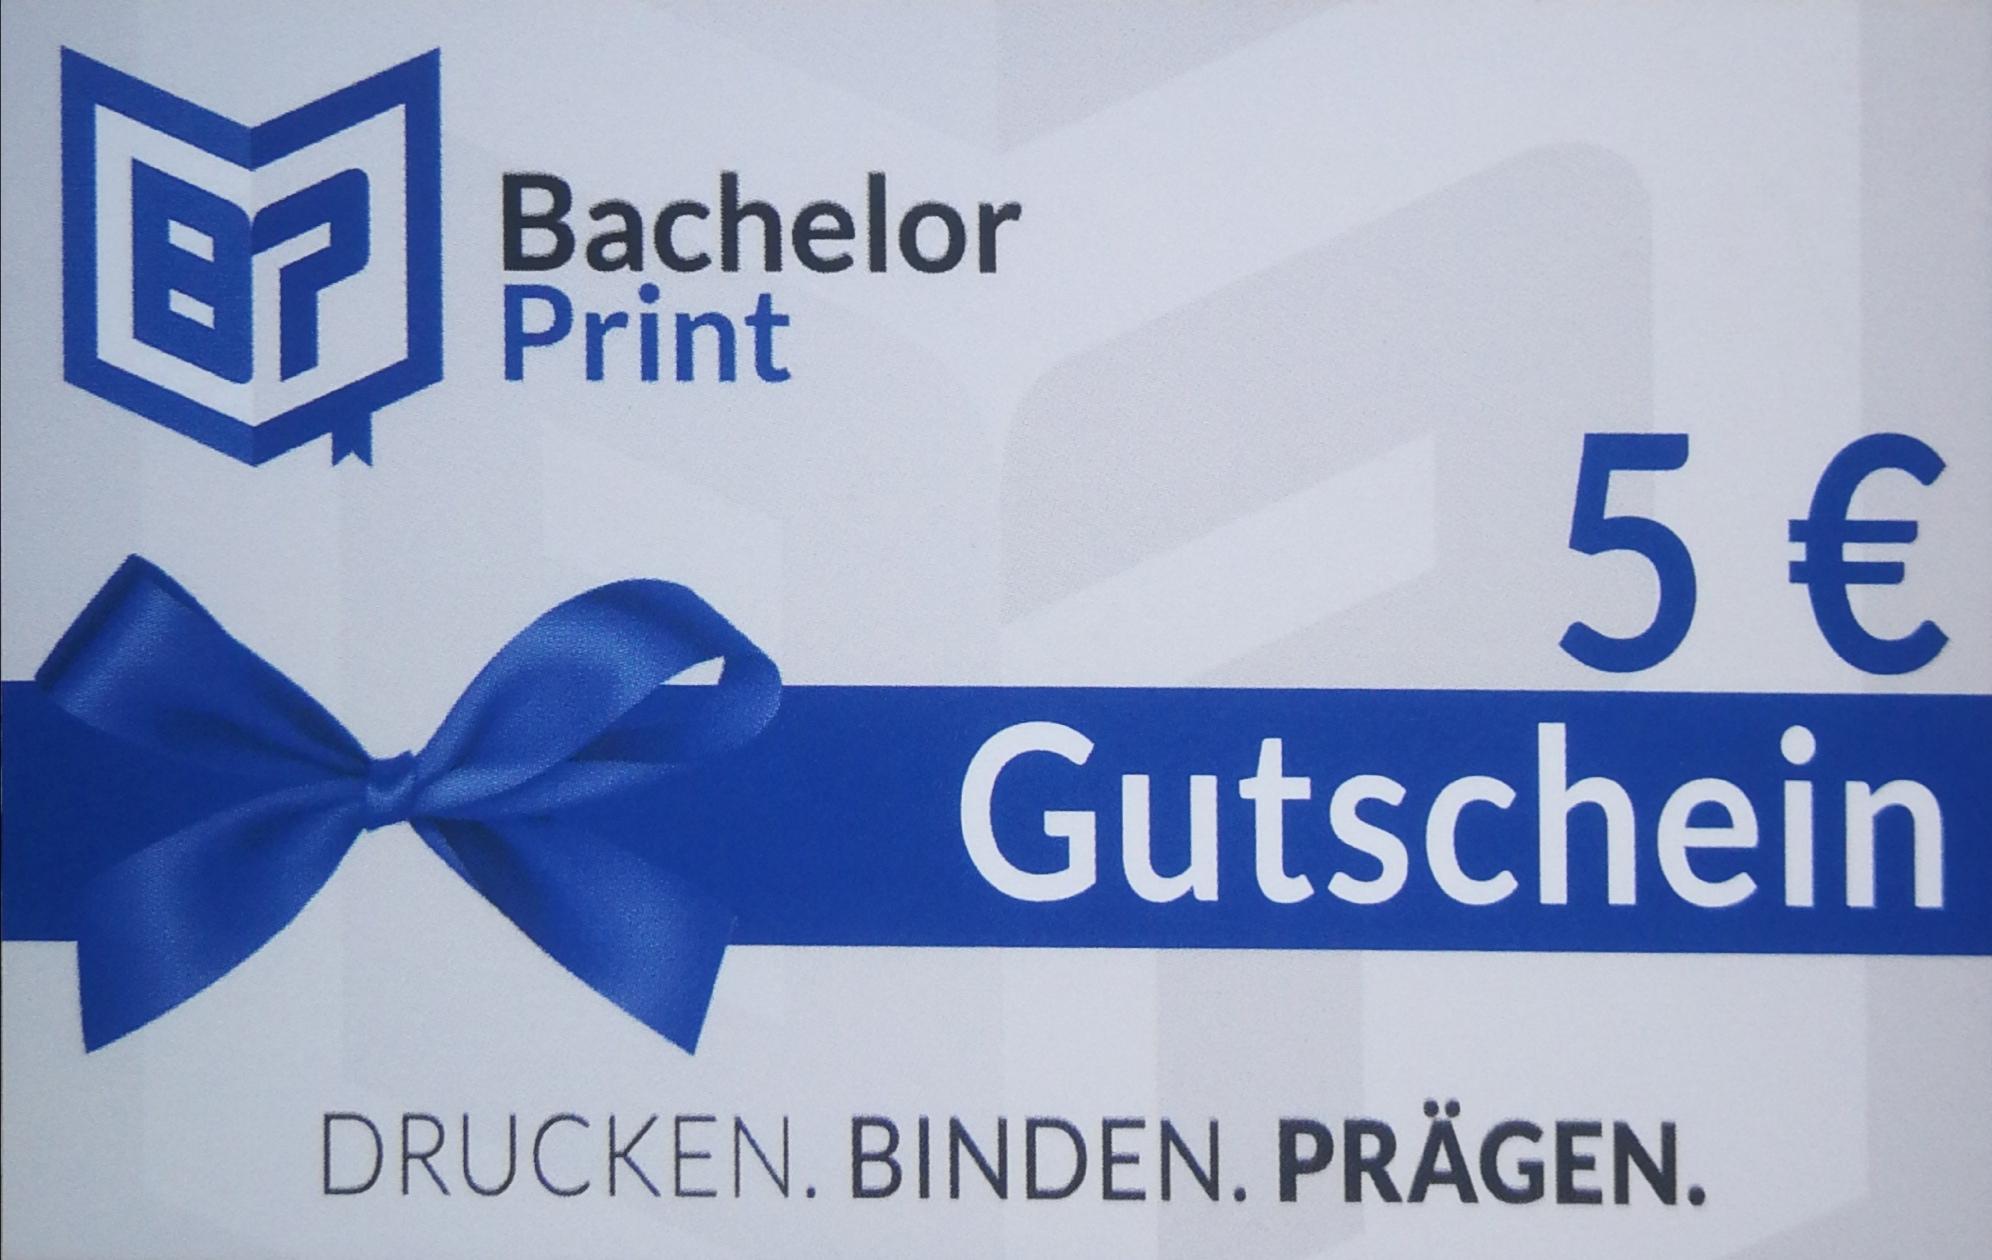 [BachelorPrint] 5€ Gutschein für das Drucken von Abschlussarbeiten (MBW 50€)